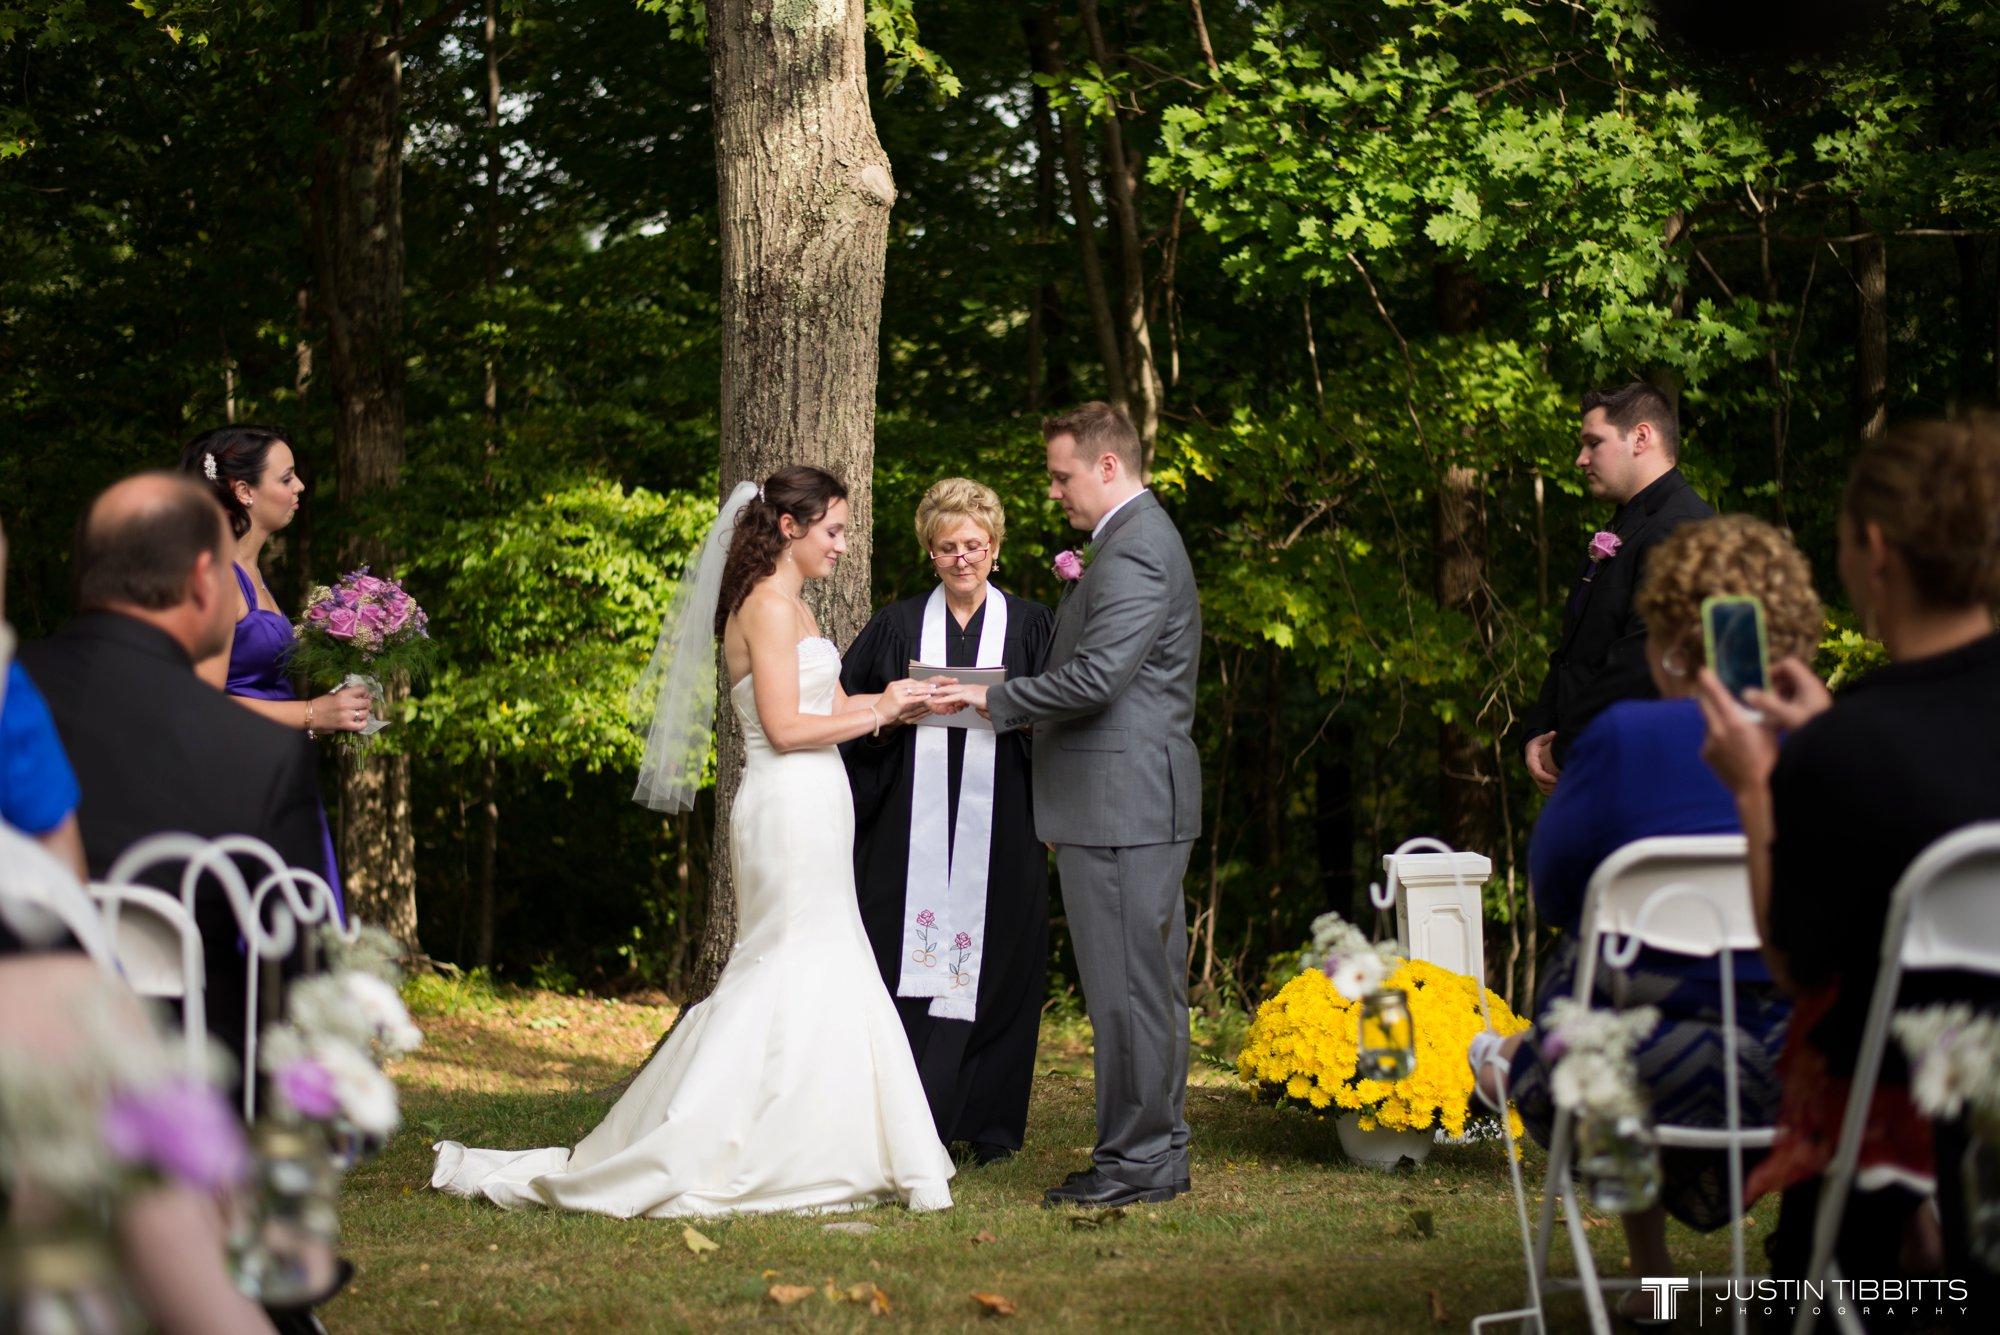 Justin Tibbitts Photography Rob and Brittany's Averill Park, NY Wedding_0385